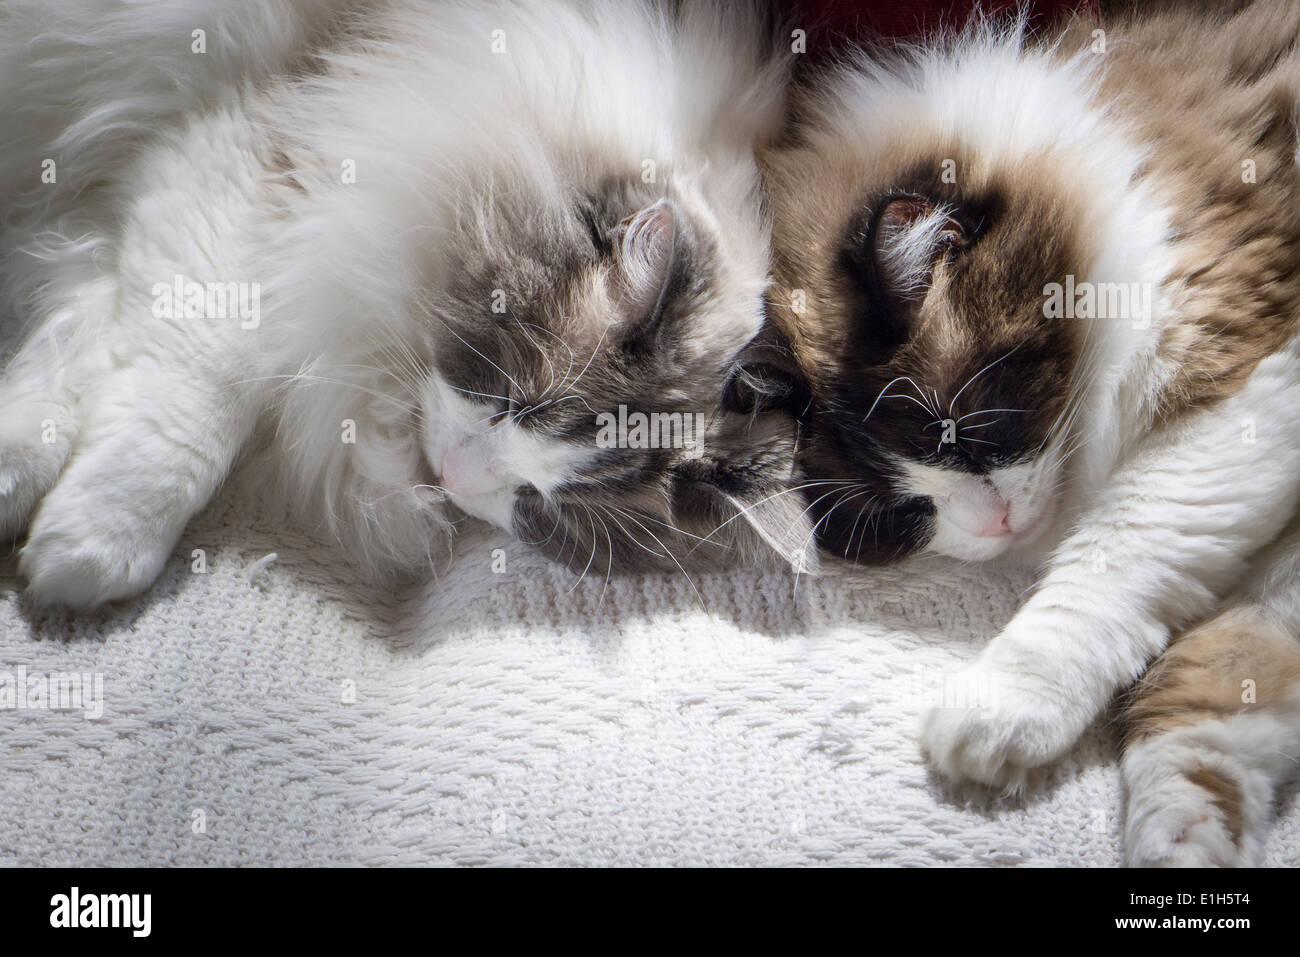 Dos gemelos Ragdoll gatos durmiendo cabeza a cabeza Imagen De Stock